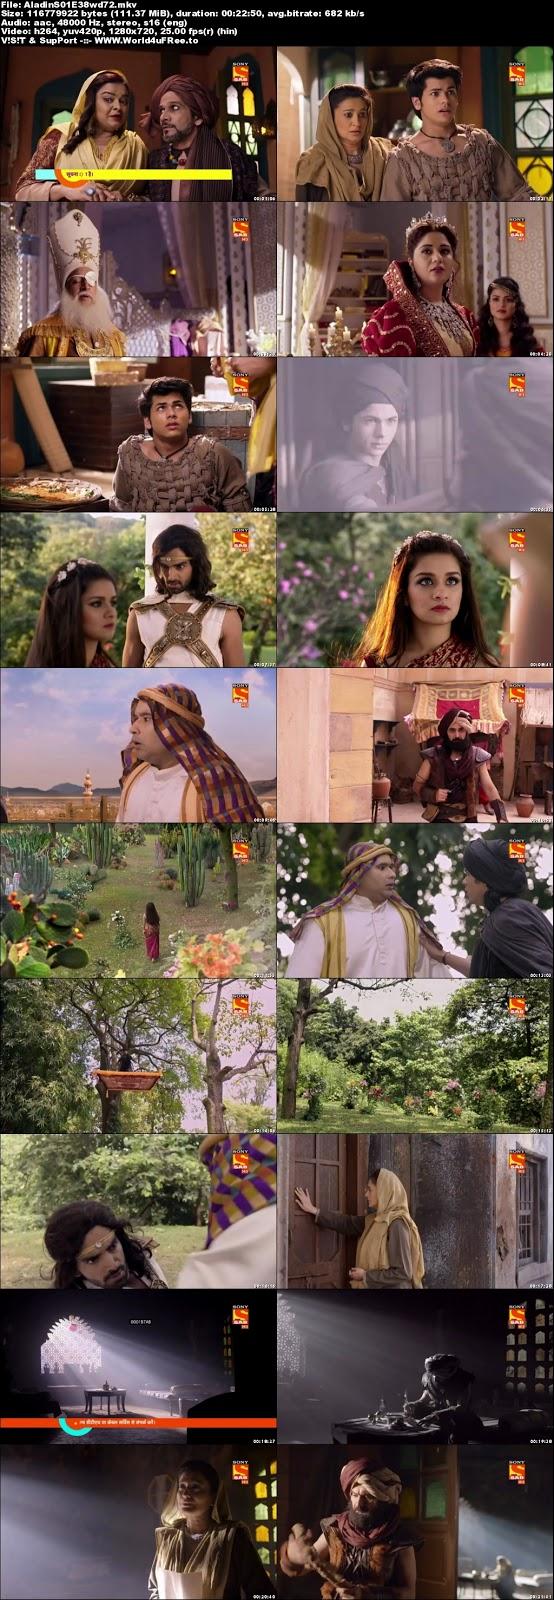 Aladdin 2018 Hindi Season 01 Episode 38 720p HDTV Download world4ufree.vip tv show Aladdin 2018 hindi tv show Aladdin 2018 Season 11 Sony tv show compressed small size free download or watch online at world4ufree.vip